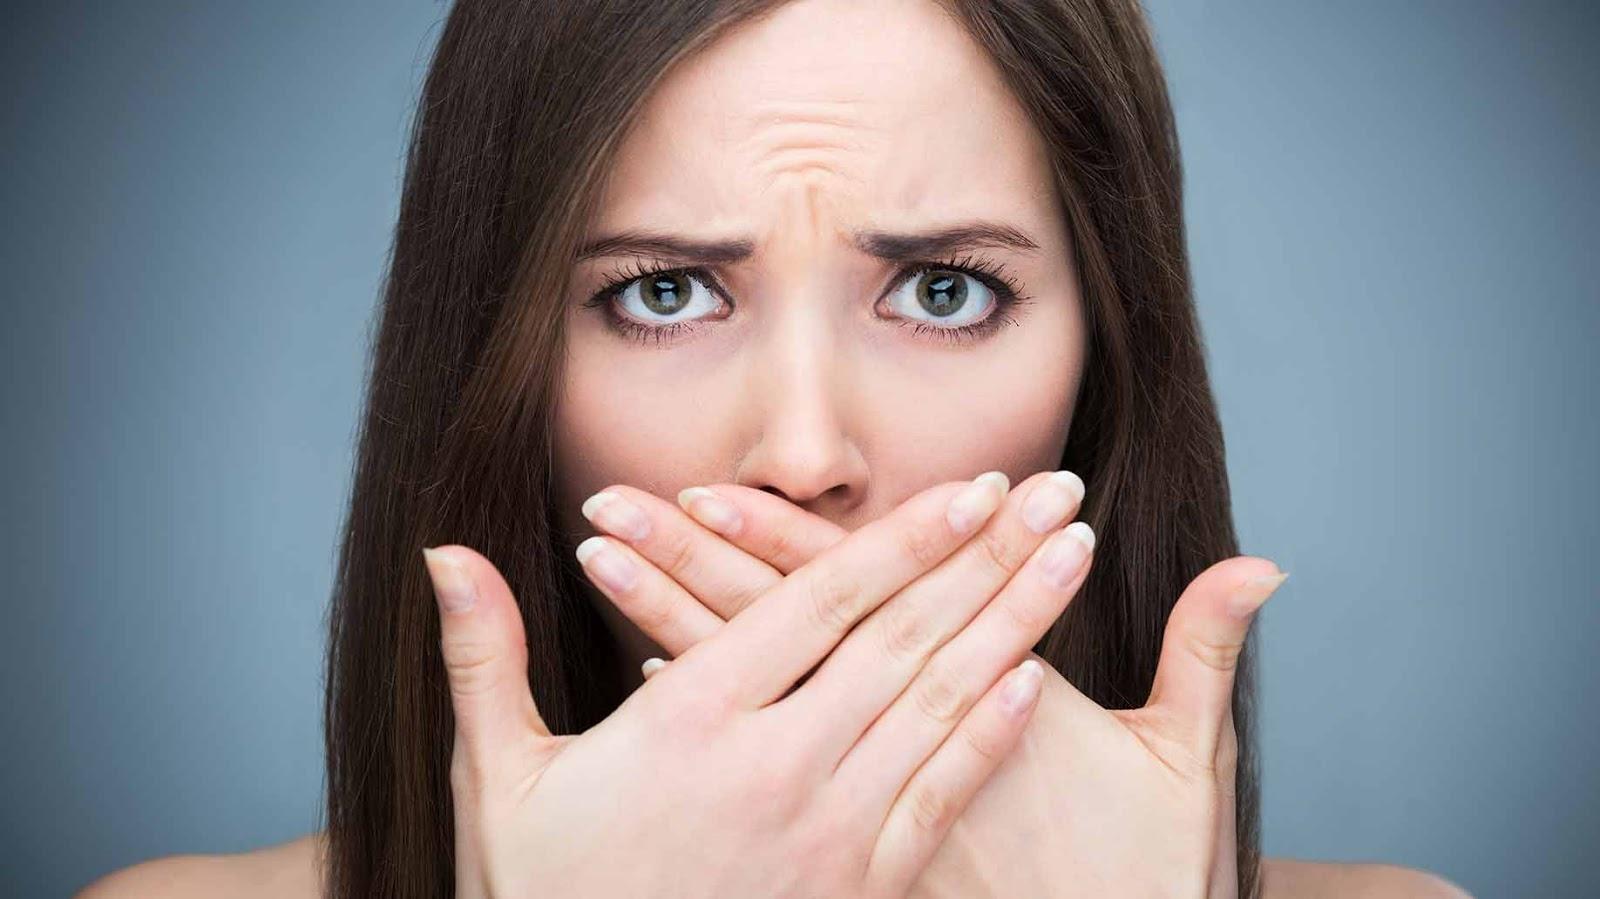 Hôi miệng có thể liên quan đến nhiều vấn đề sức khỏe khác chứ không chỉ là răng miệng (Ảnh: Shutterstock)